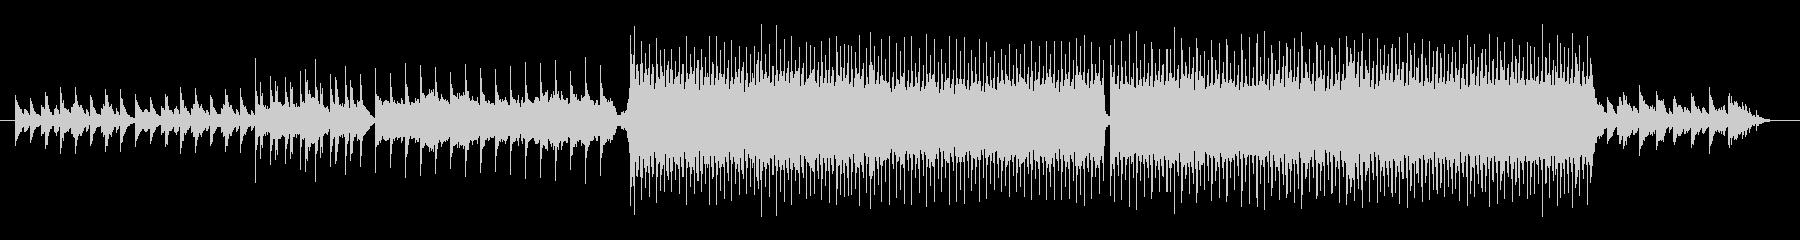 凛とした雰囲気のあるピアノバラードの未再生の波形